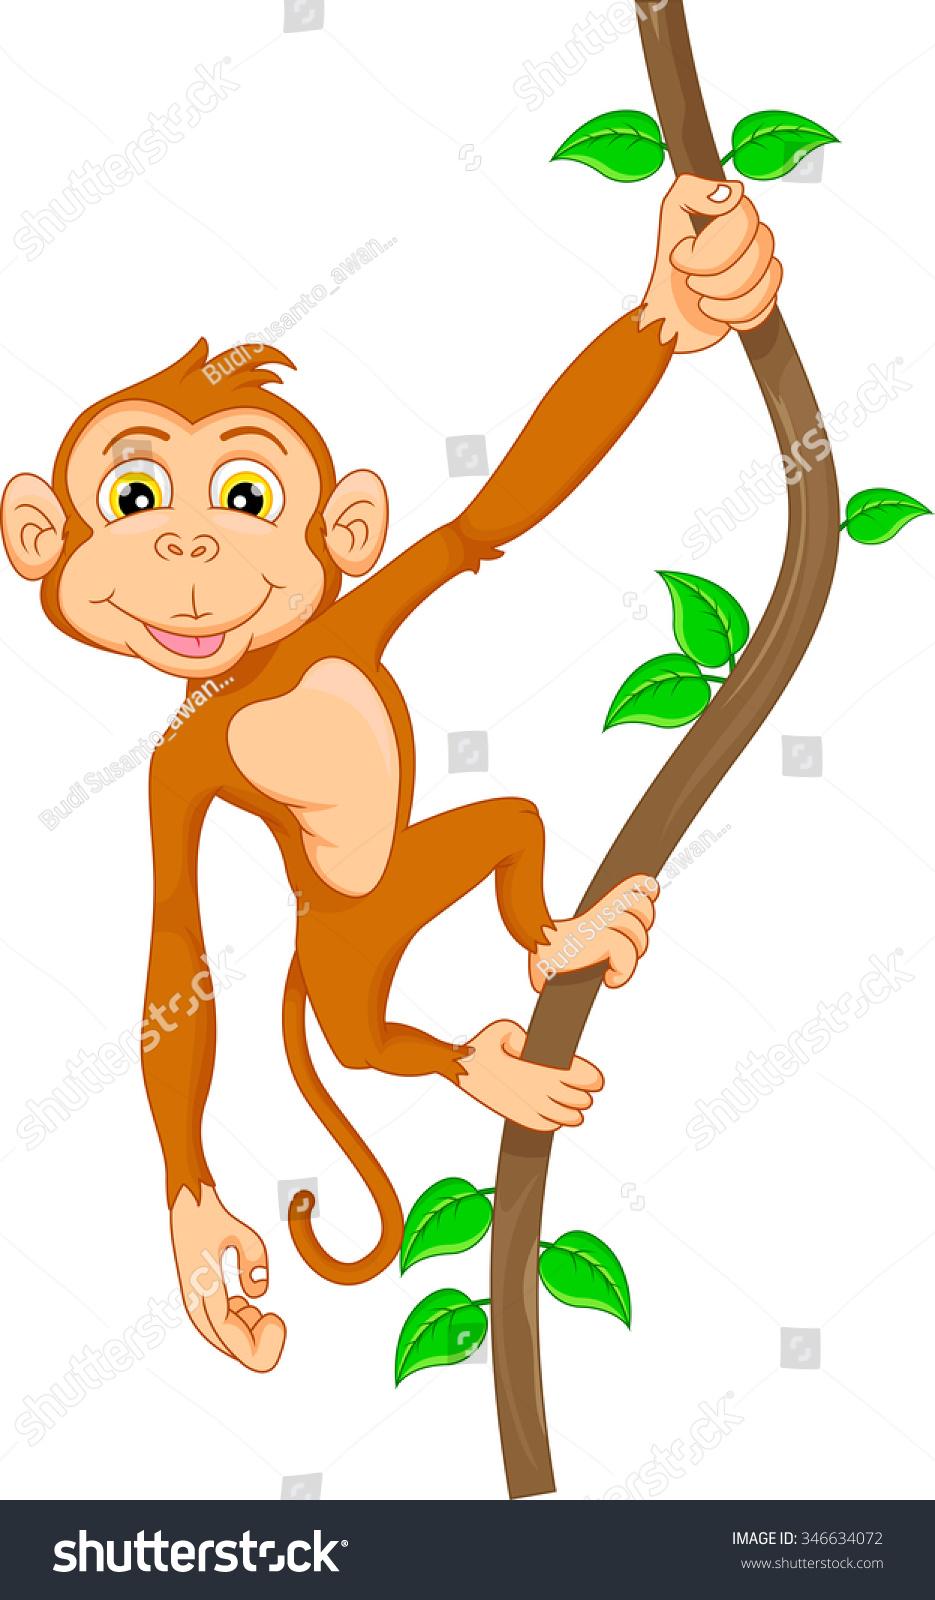 Cartoon monkeys hanging from a tree - photo#14